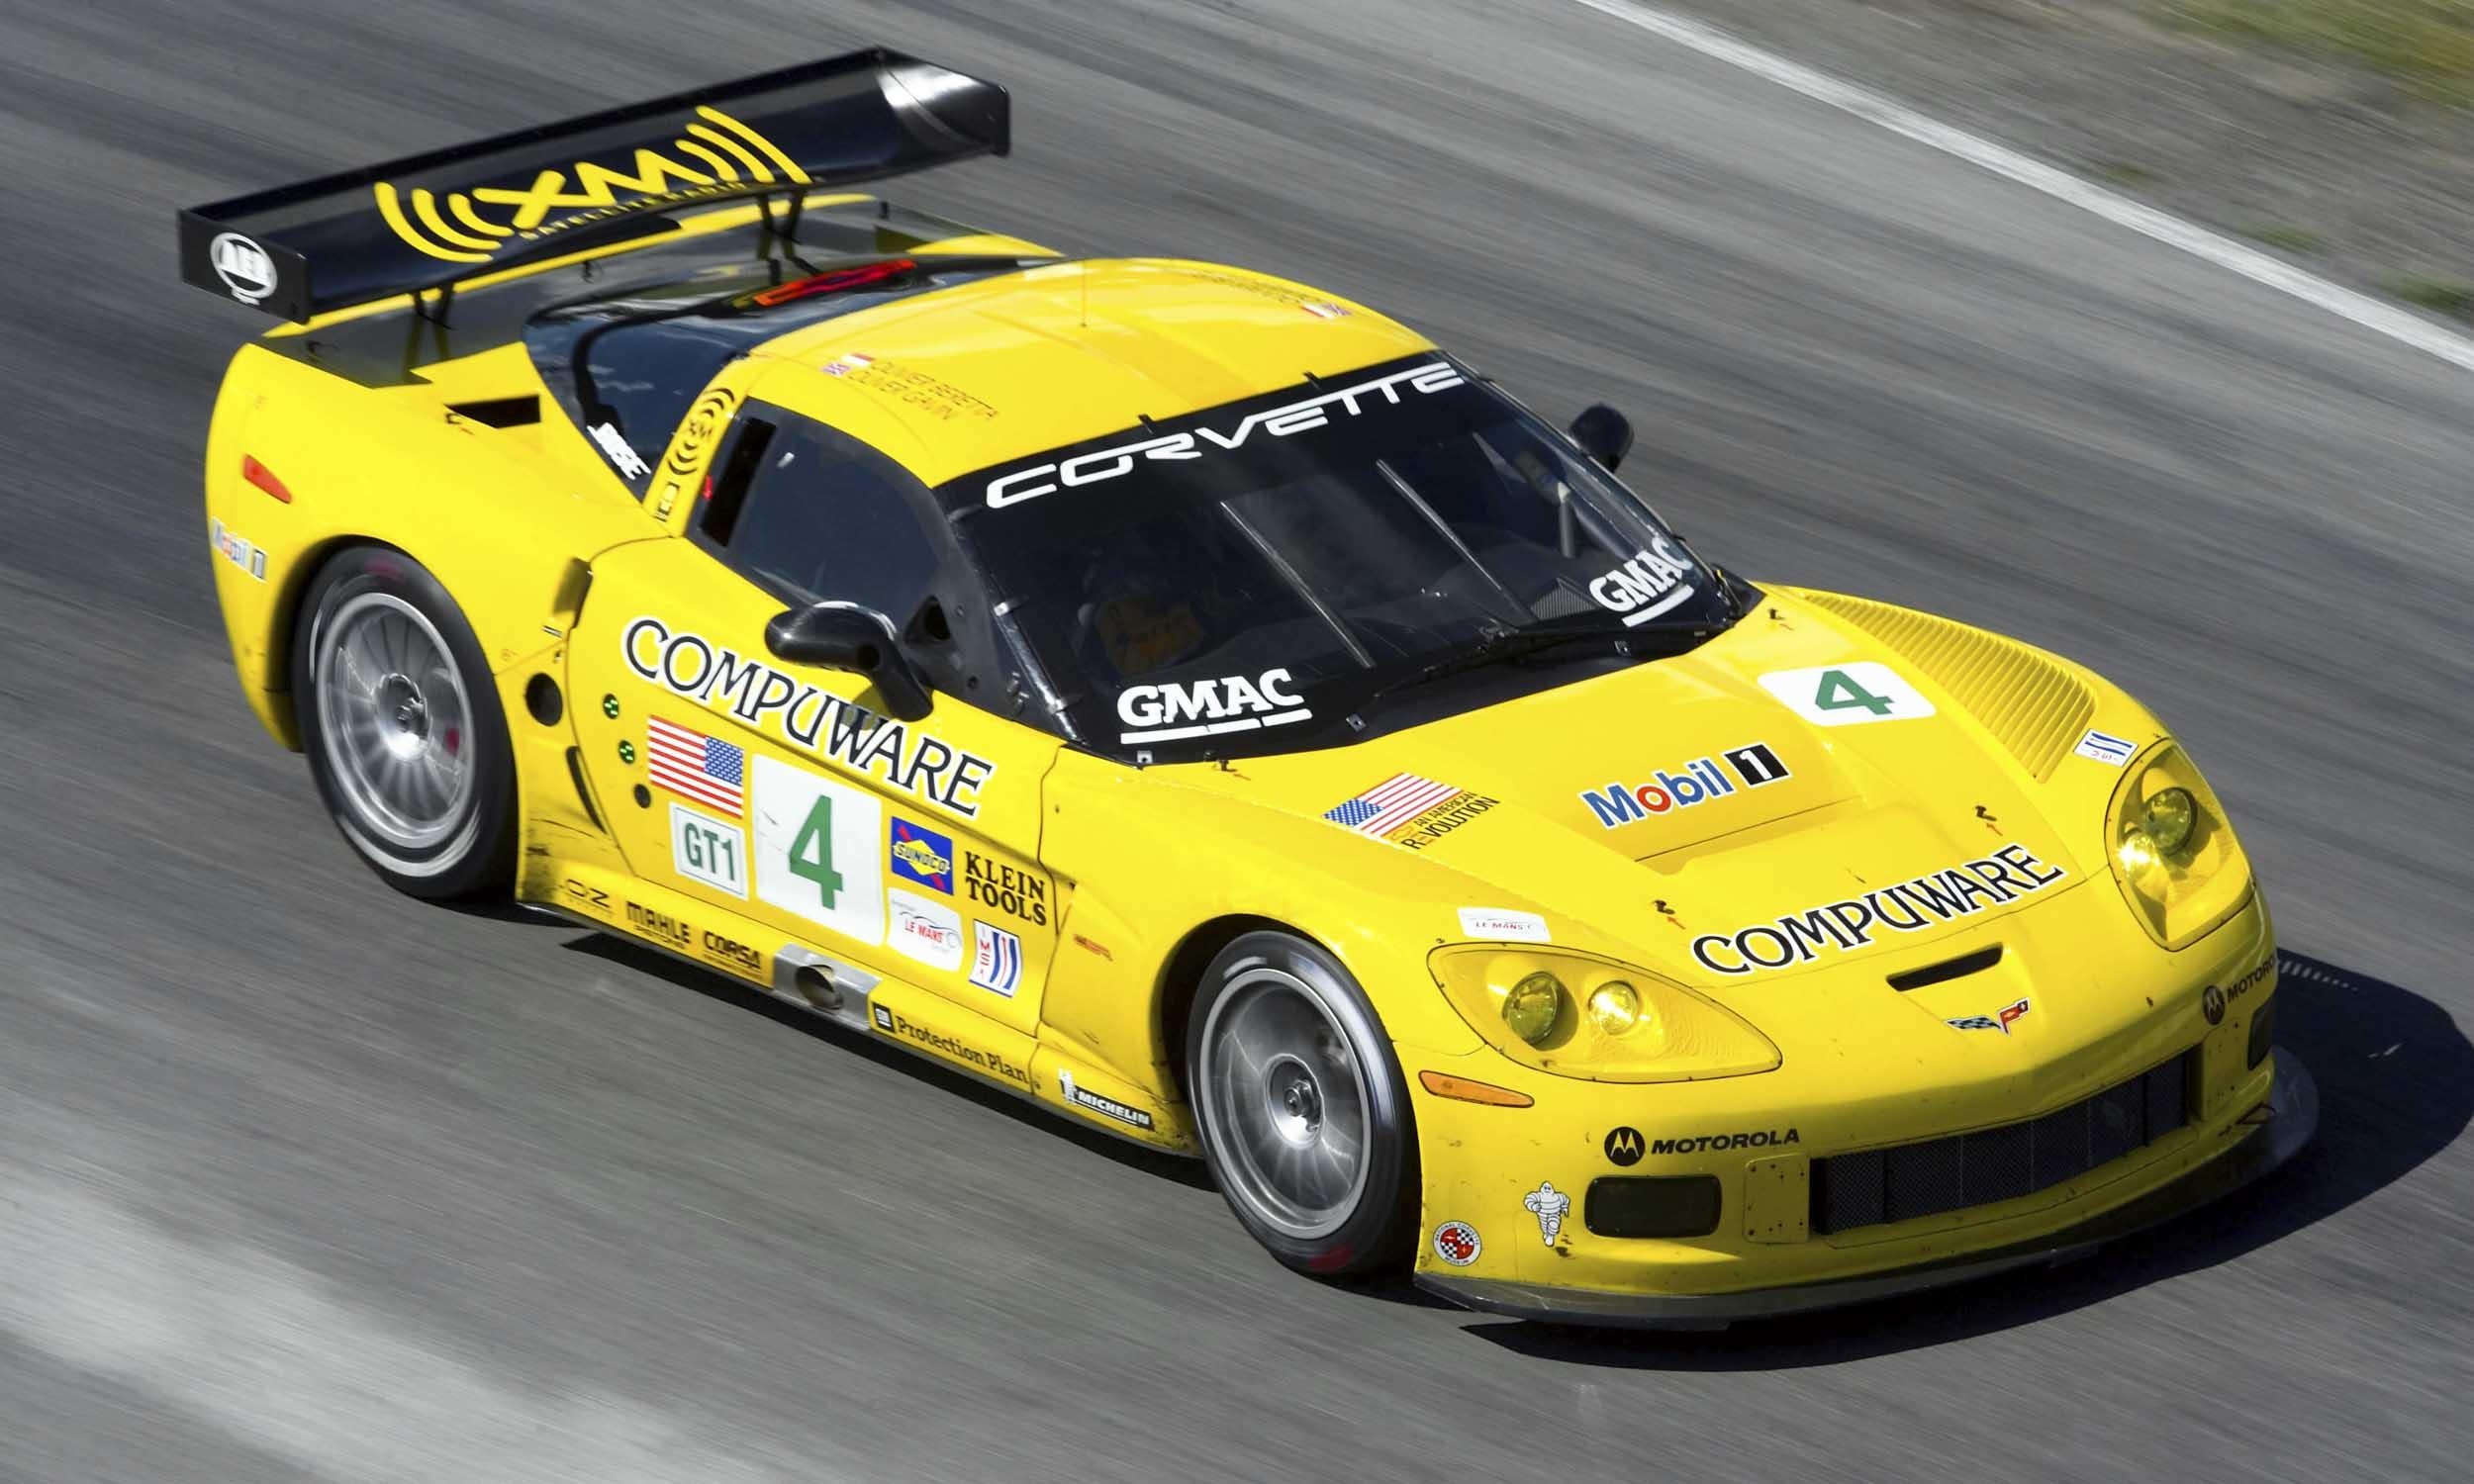 © Richard Prince/GM Racing